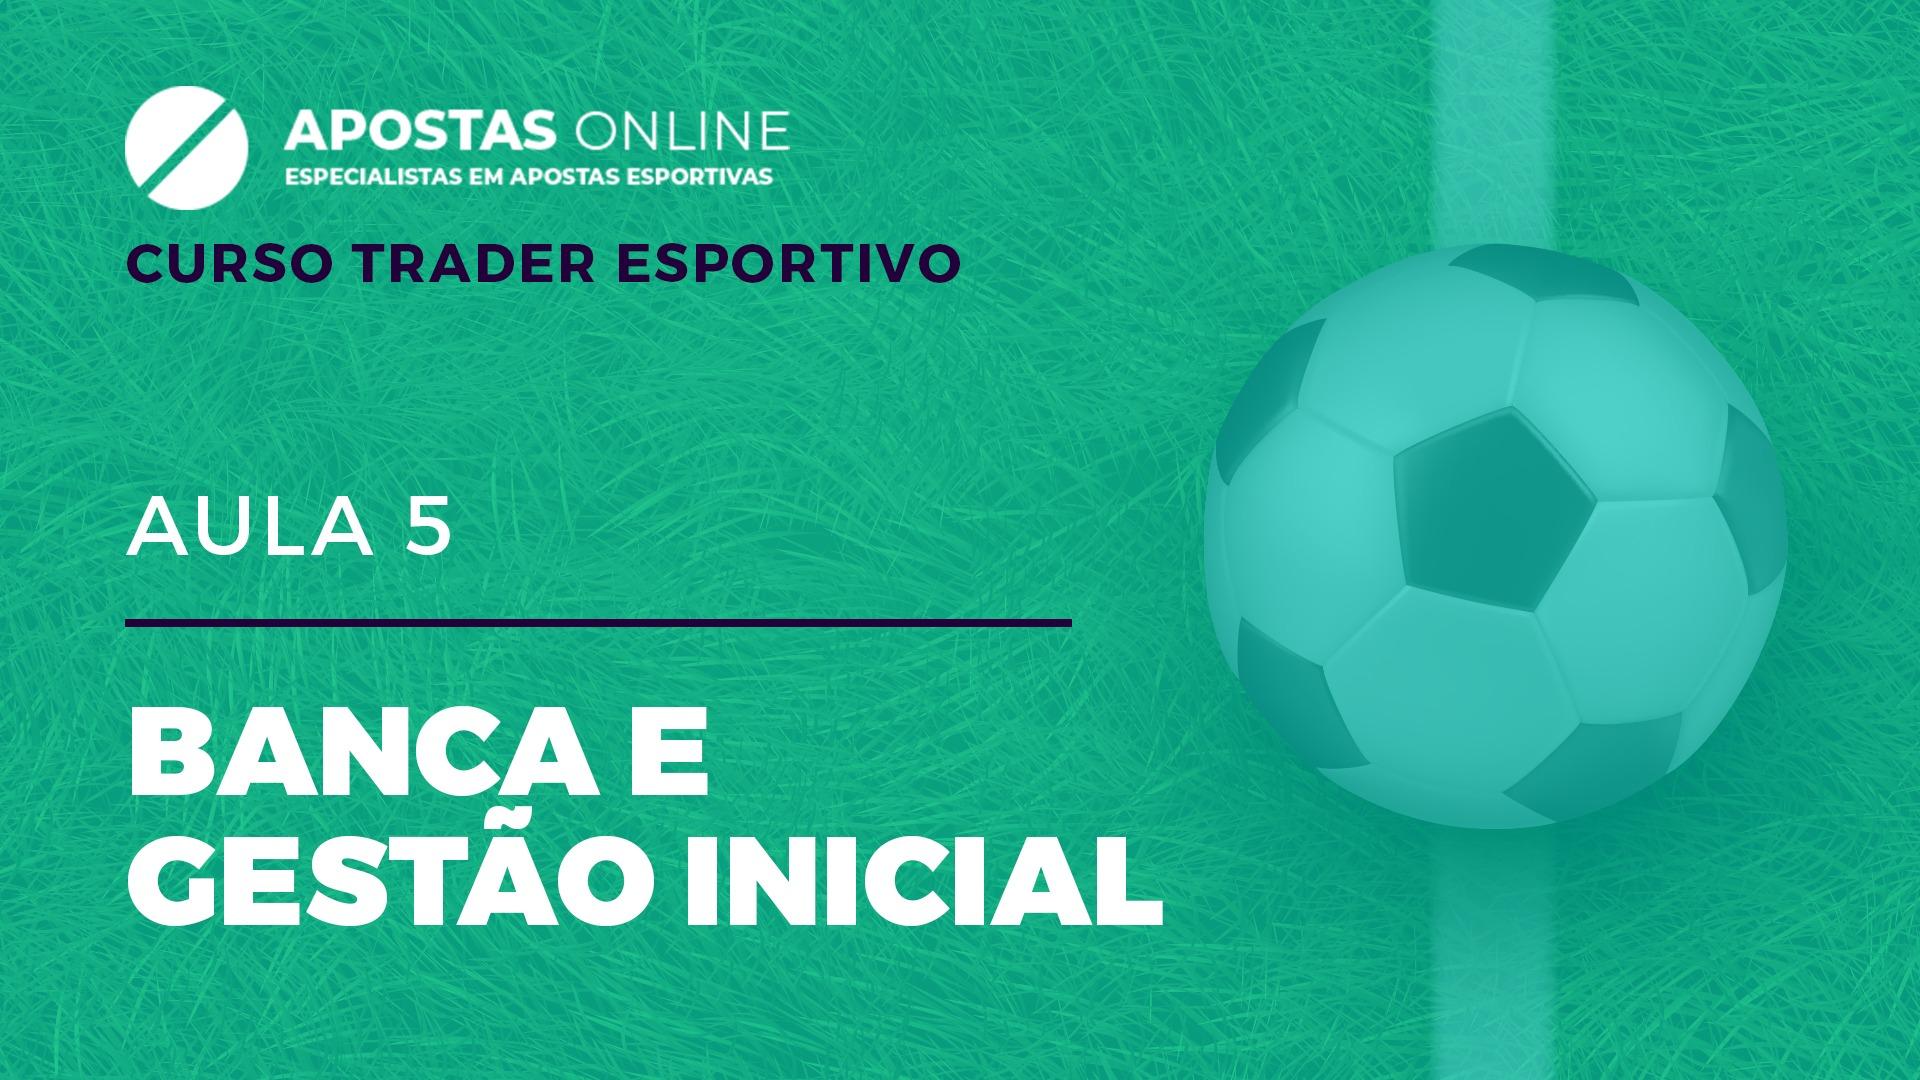 Curso Trader Esportivo: Banca e gestão inicial | Aula 5